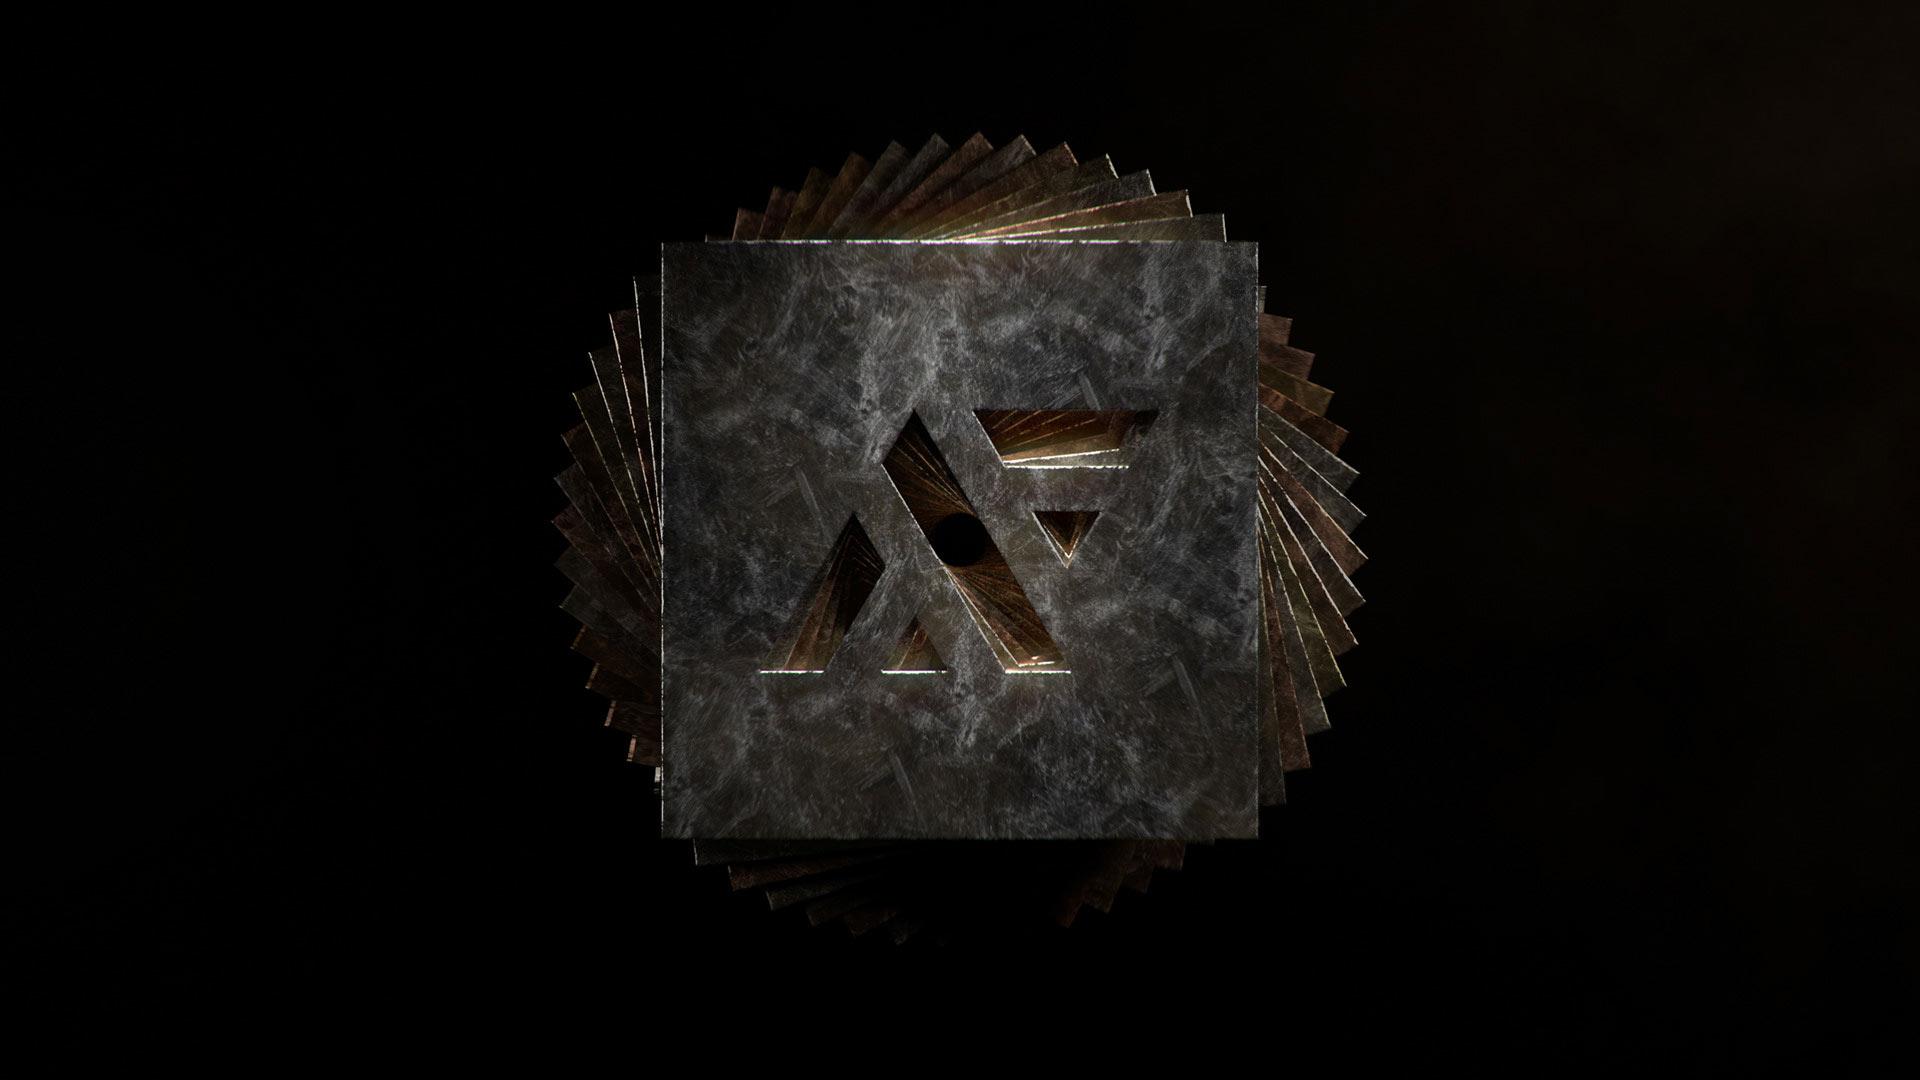 avantform_launch_reel_031_opt